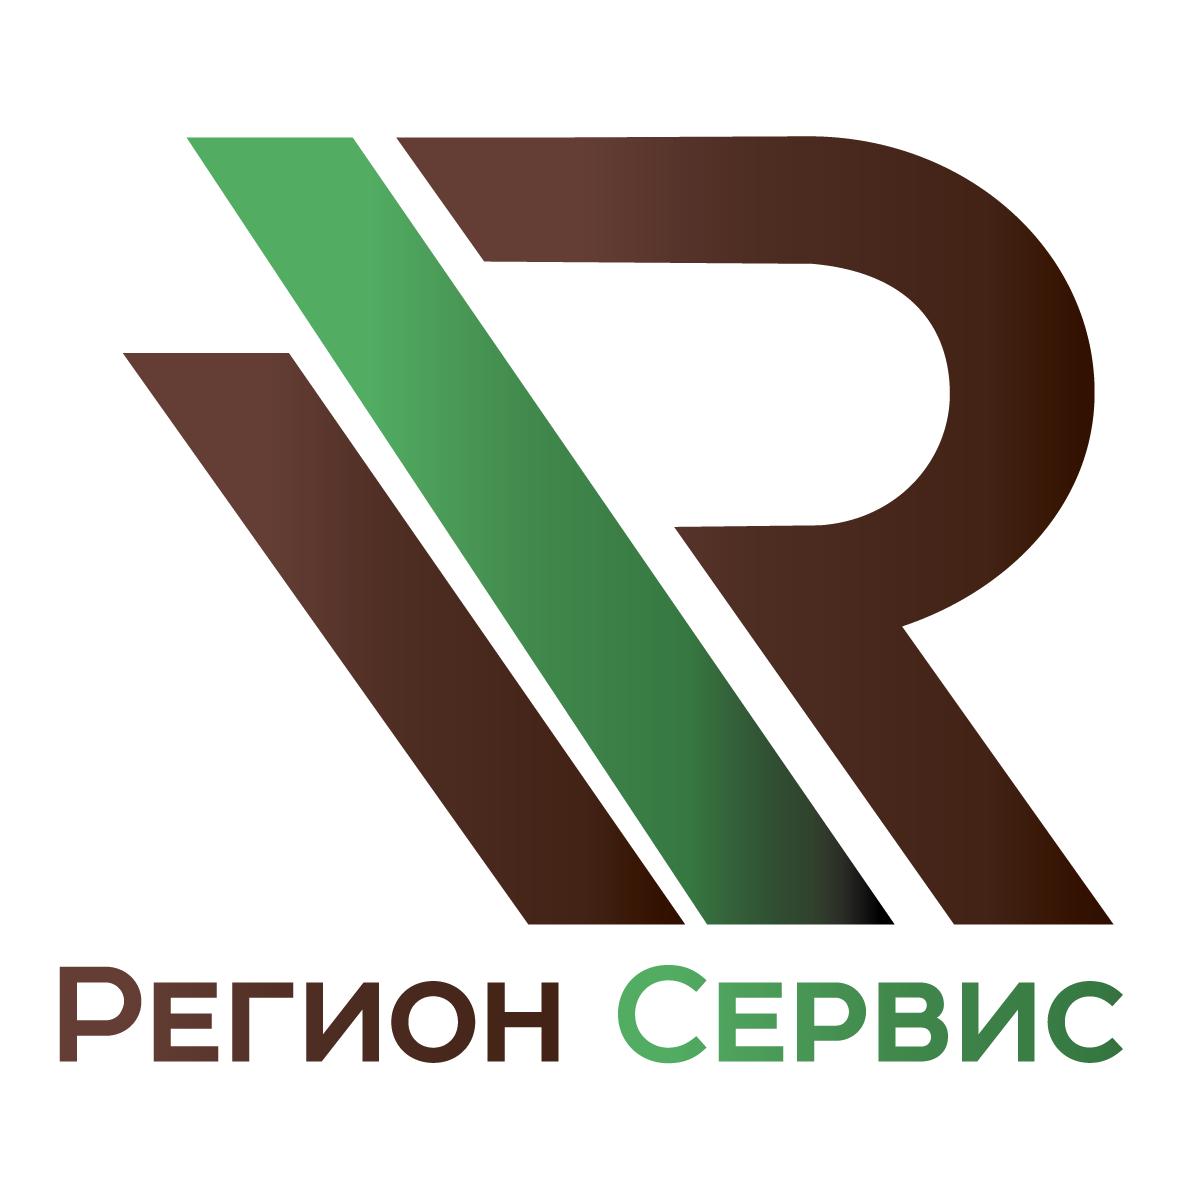 Дизайнер для разработки логотипа компании фото f_2605bfc16dc55dbd.png